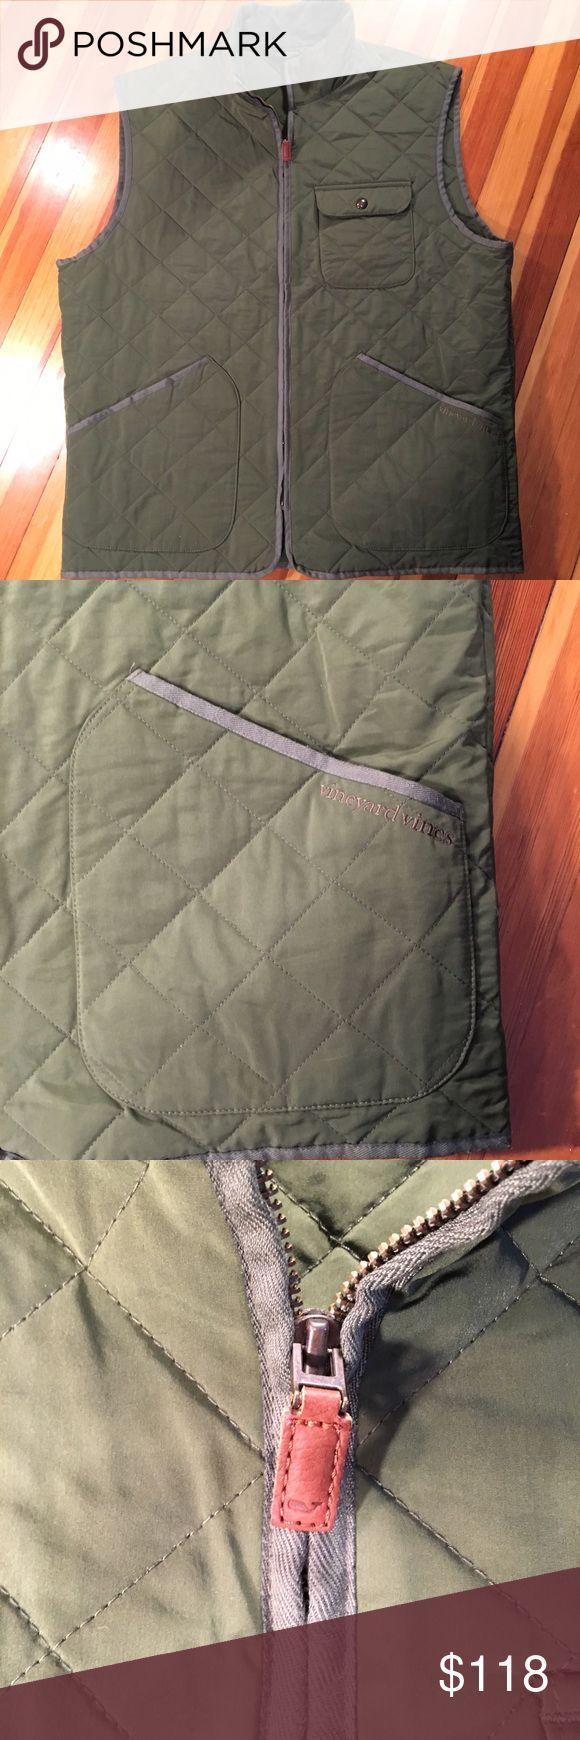 Vineyard Vines Quilted Vest Men's large Vineyard Vines Quilted Vest in fantastic pre-loved condition. Vineyard Vines Jackets & Coats Vests